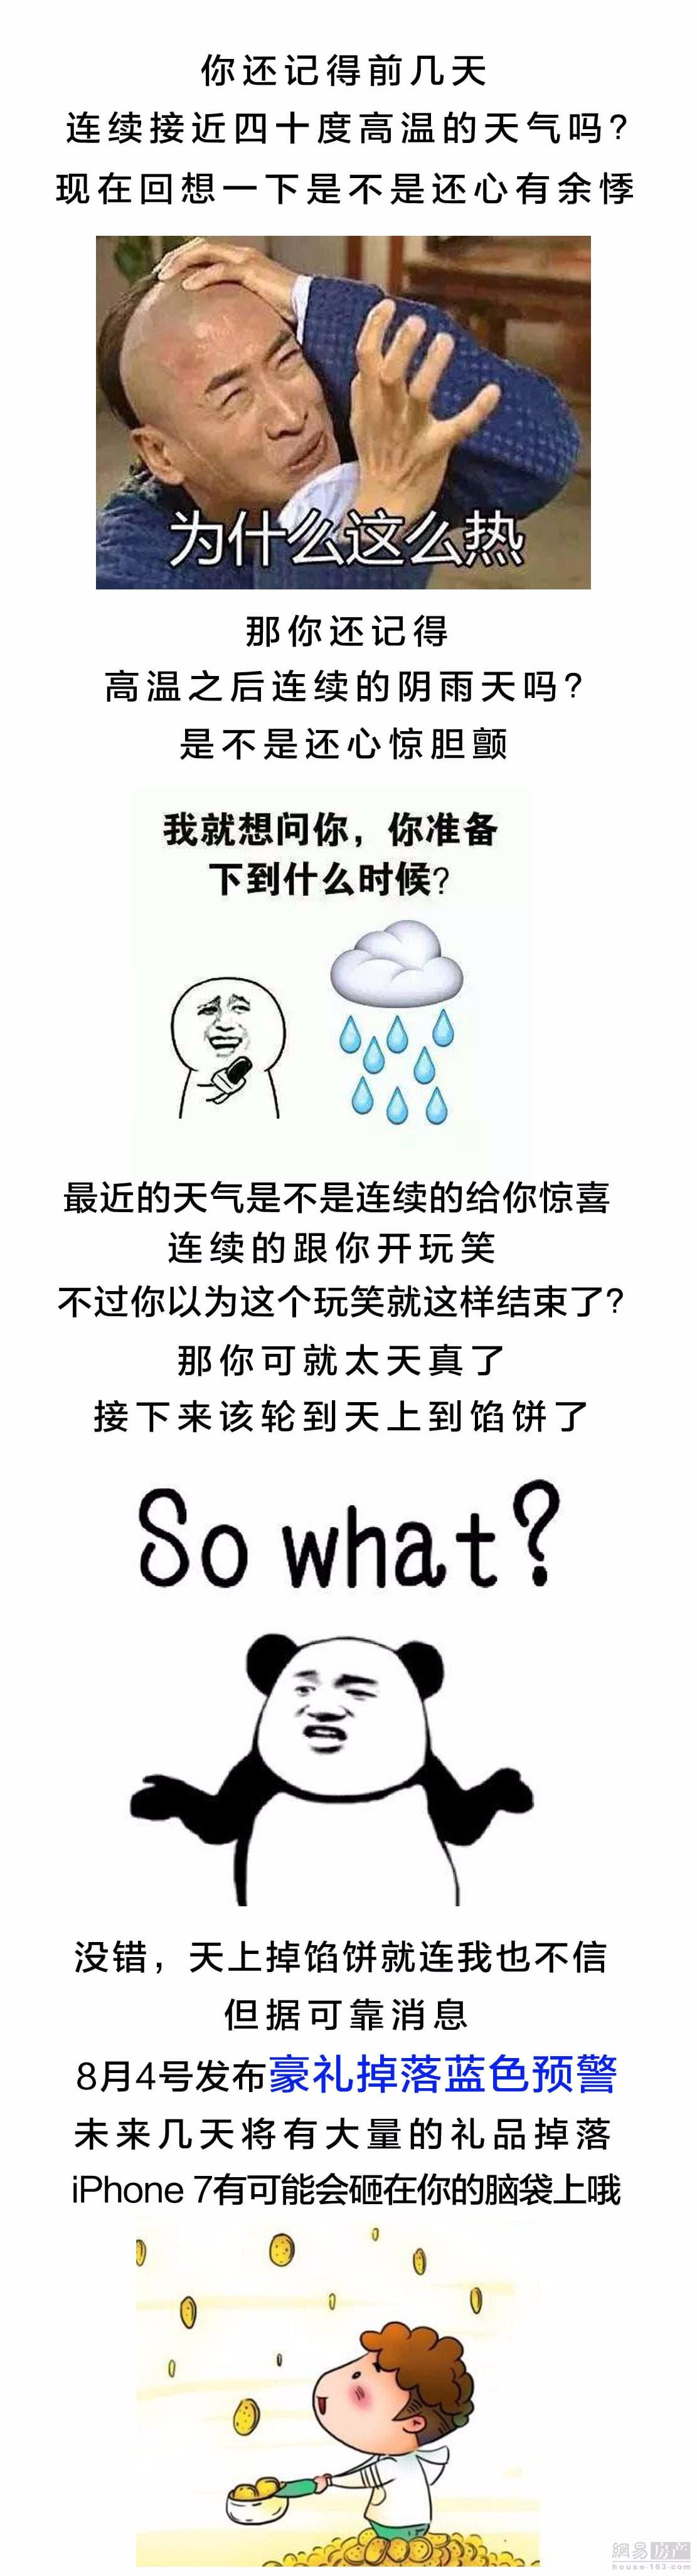 """8月5日""""寻找兰亭苑,万人夺豪礼""""活动盛大来袭!好礼不"""